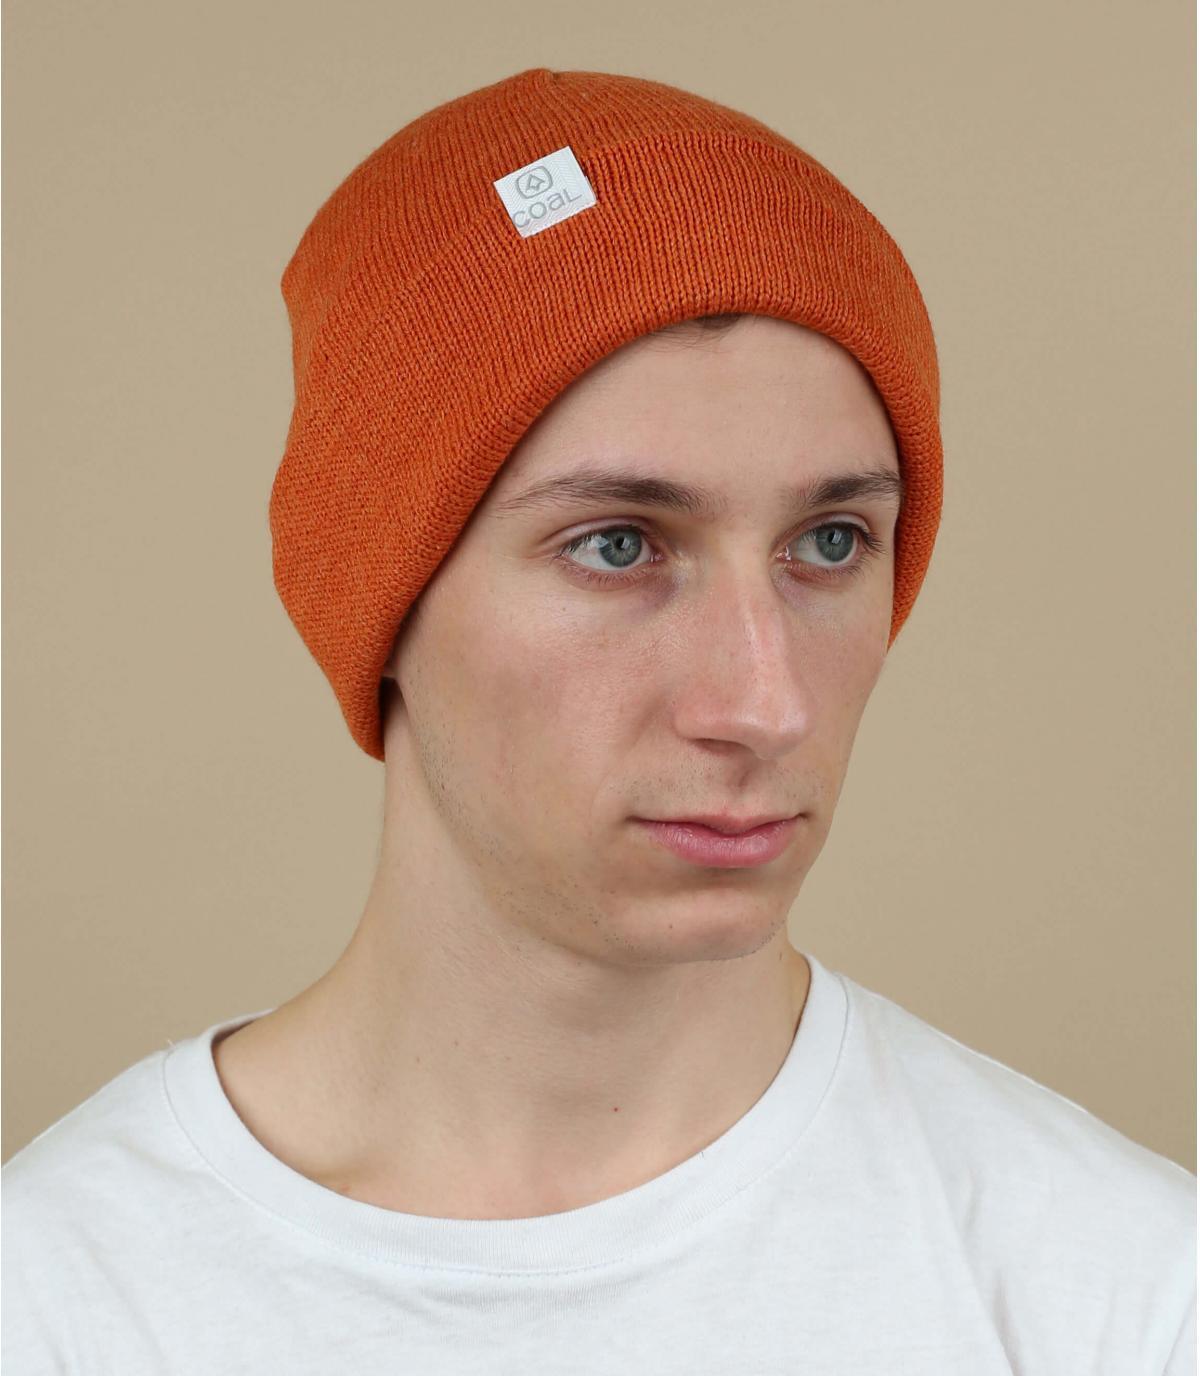 Bavero in risvolto arancione